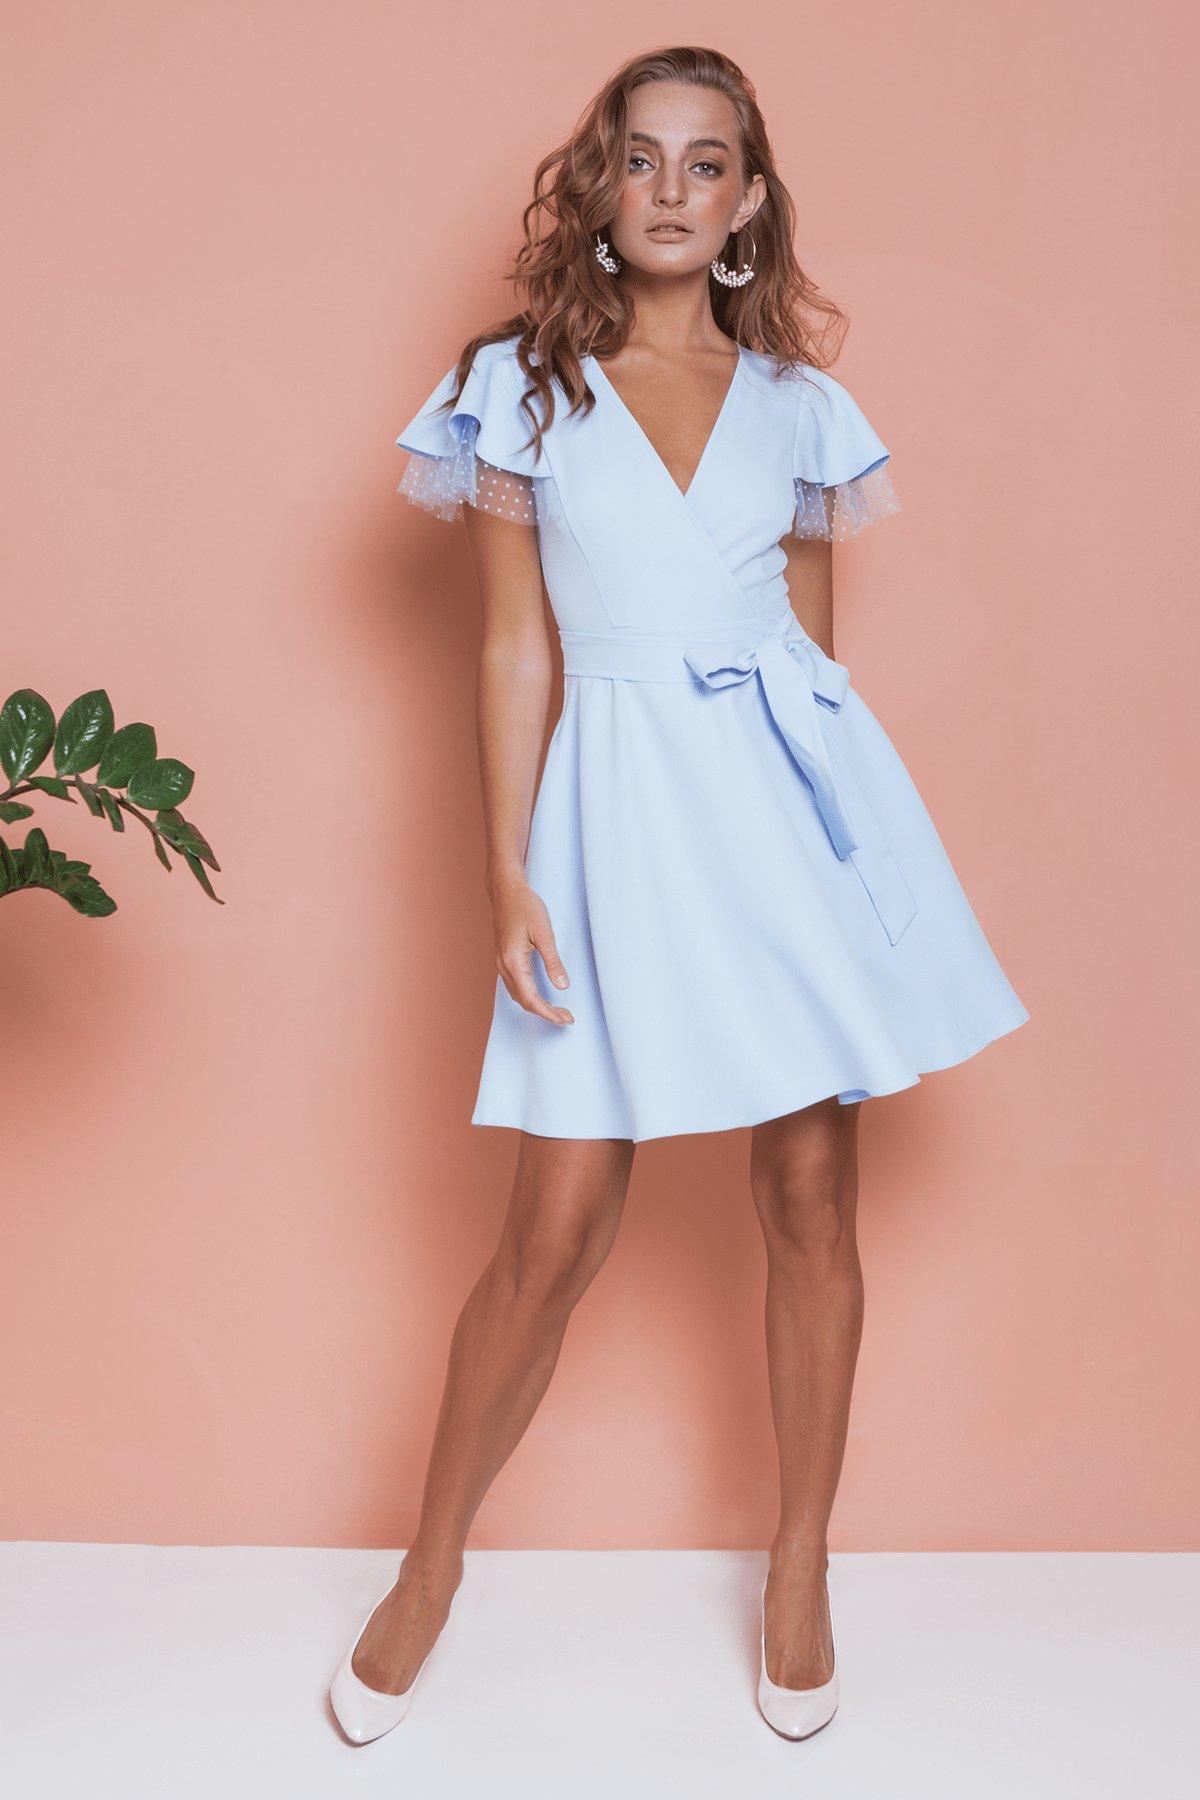 Платье с воланами на плечах Милея 6788 АРТ. 42017 Цвет: Голубой - фото 6, интернет магазин tm-modus.ru